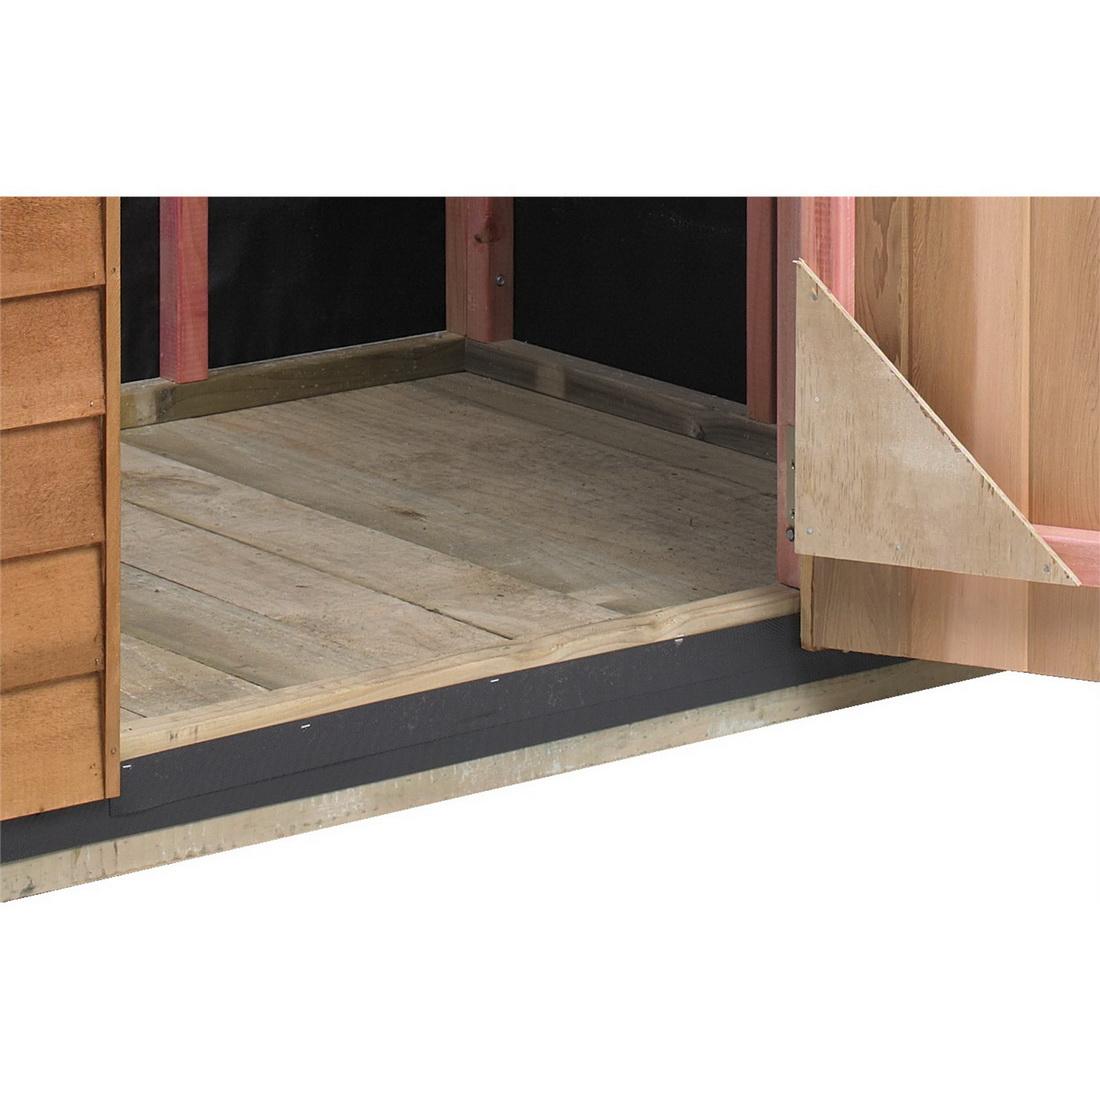 Ferndale Garden Shed Timber Floor Kit